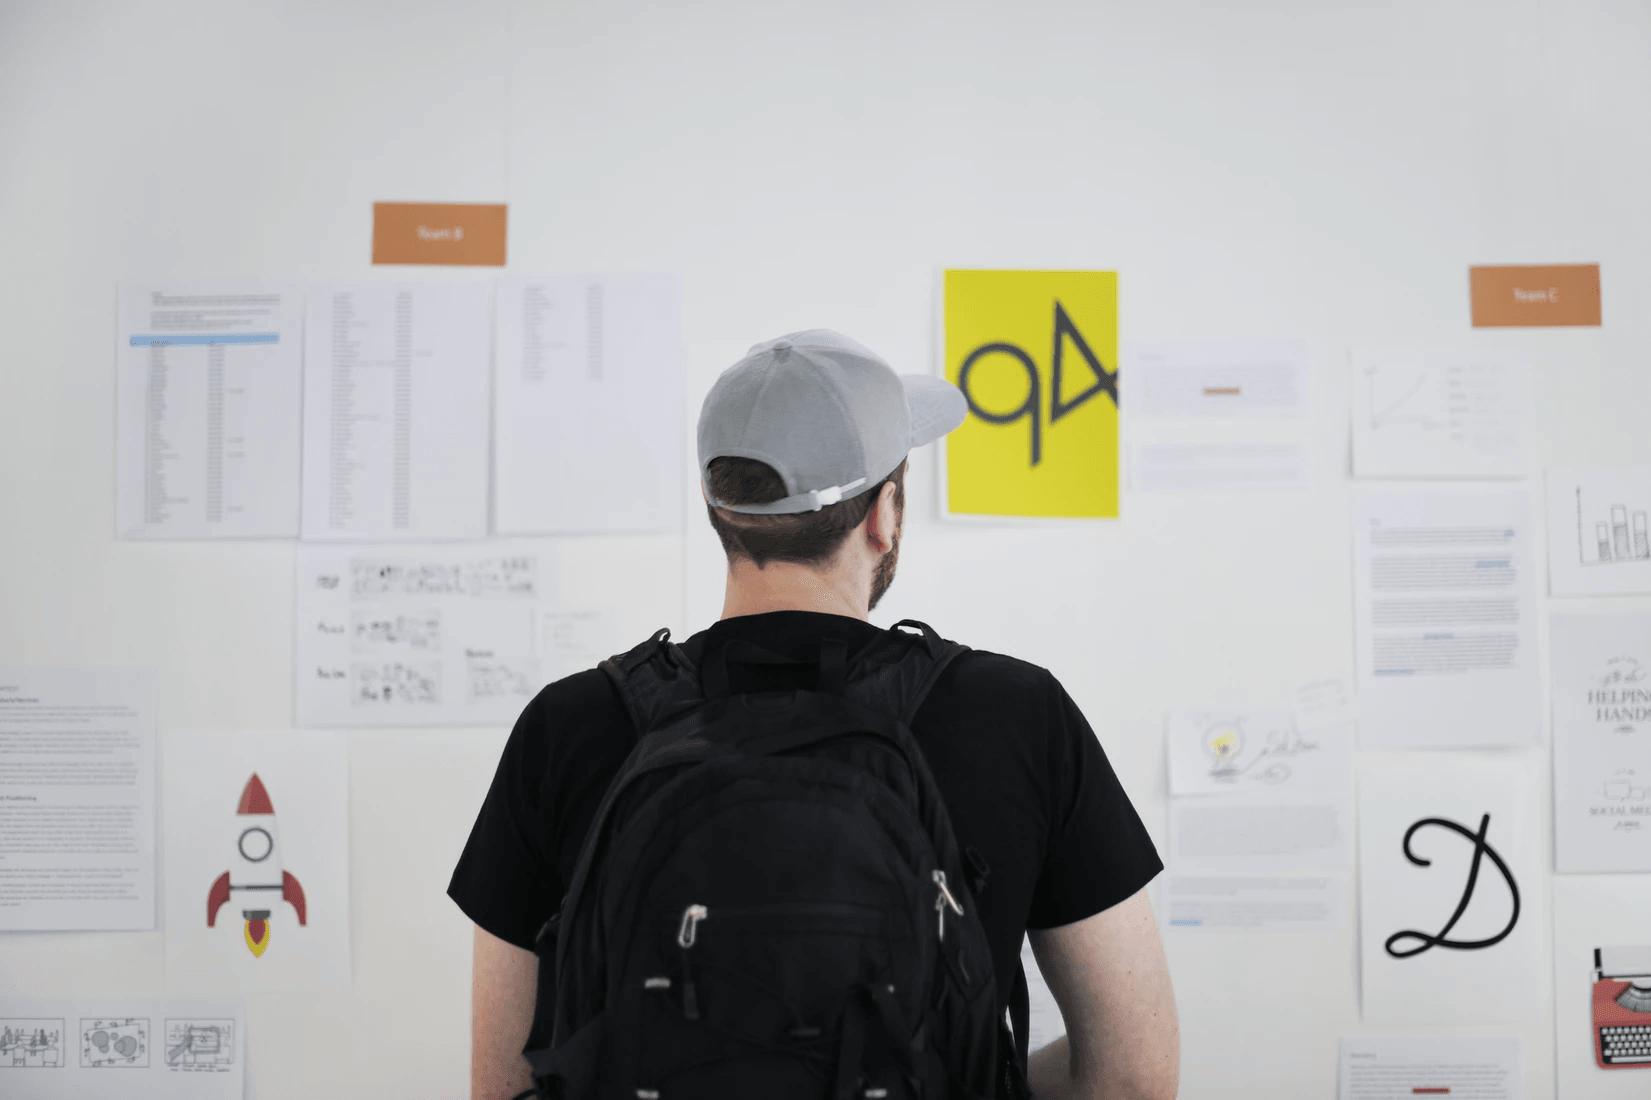 مهمترین ویژگیهای یک مدیر محصول موفق از دید مدیران برجسته این حوزه